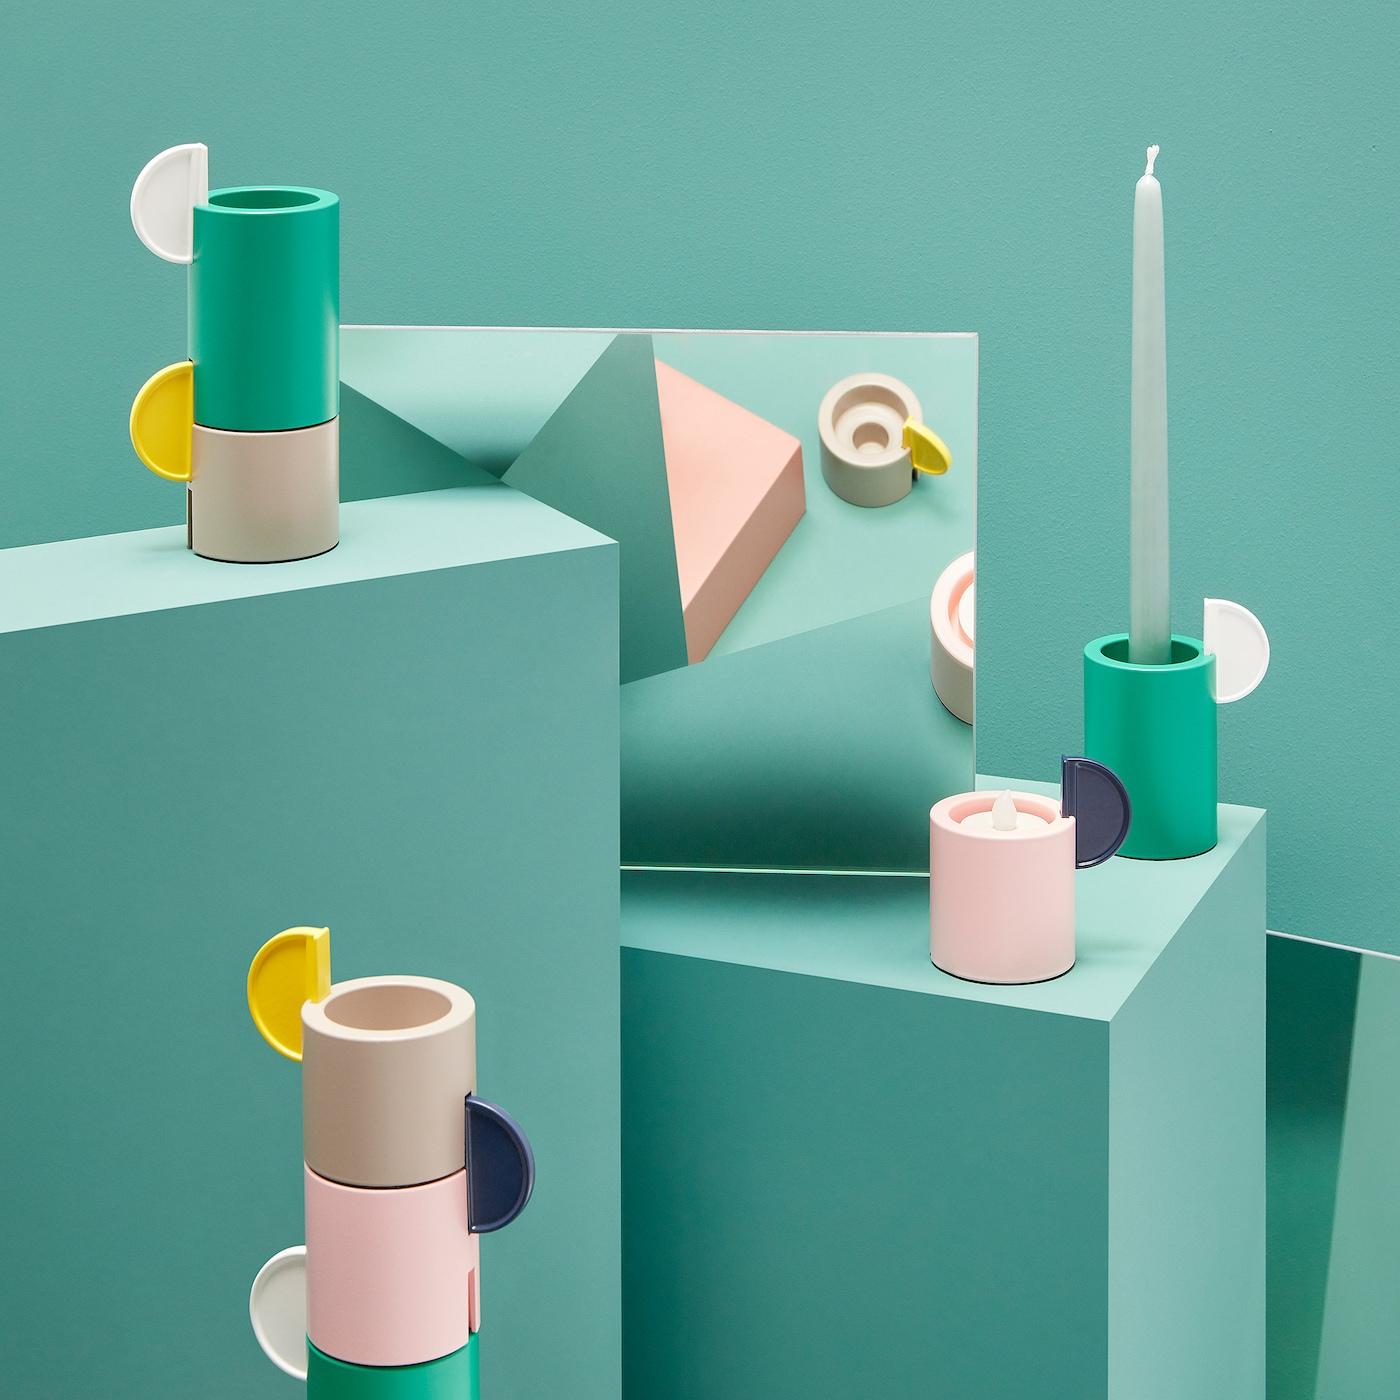 De ÄDELHET set kandelaars/theelichthouders: cilindervormen in verschillende hoogtes en kleuren.